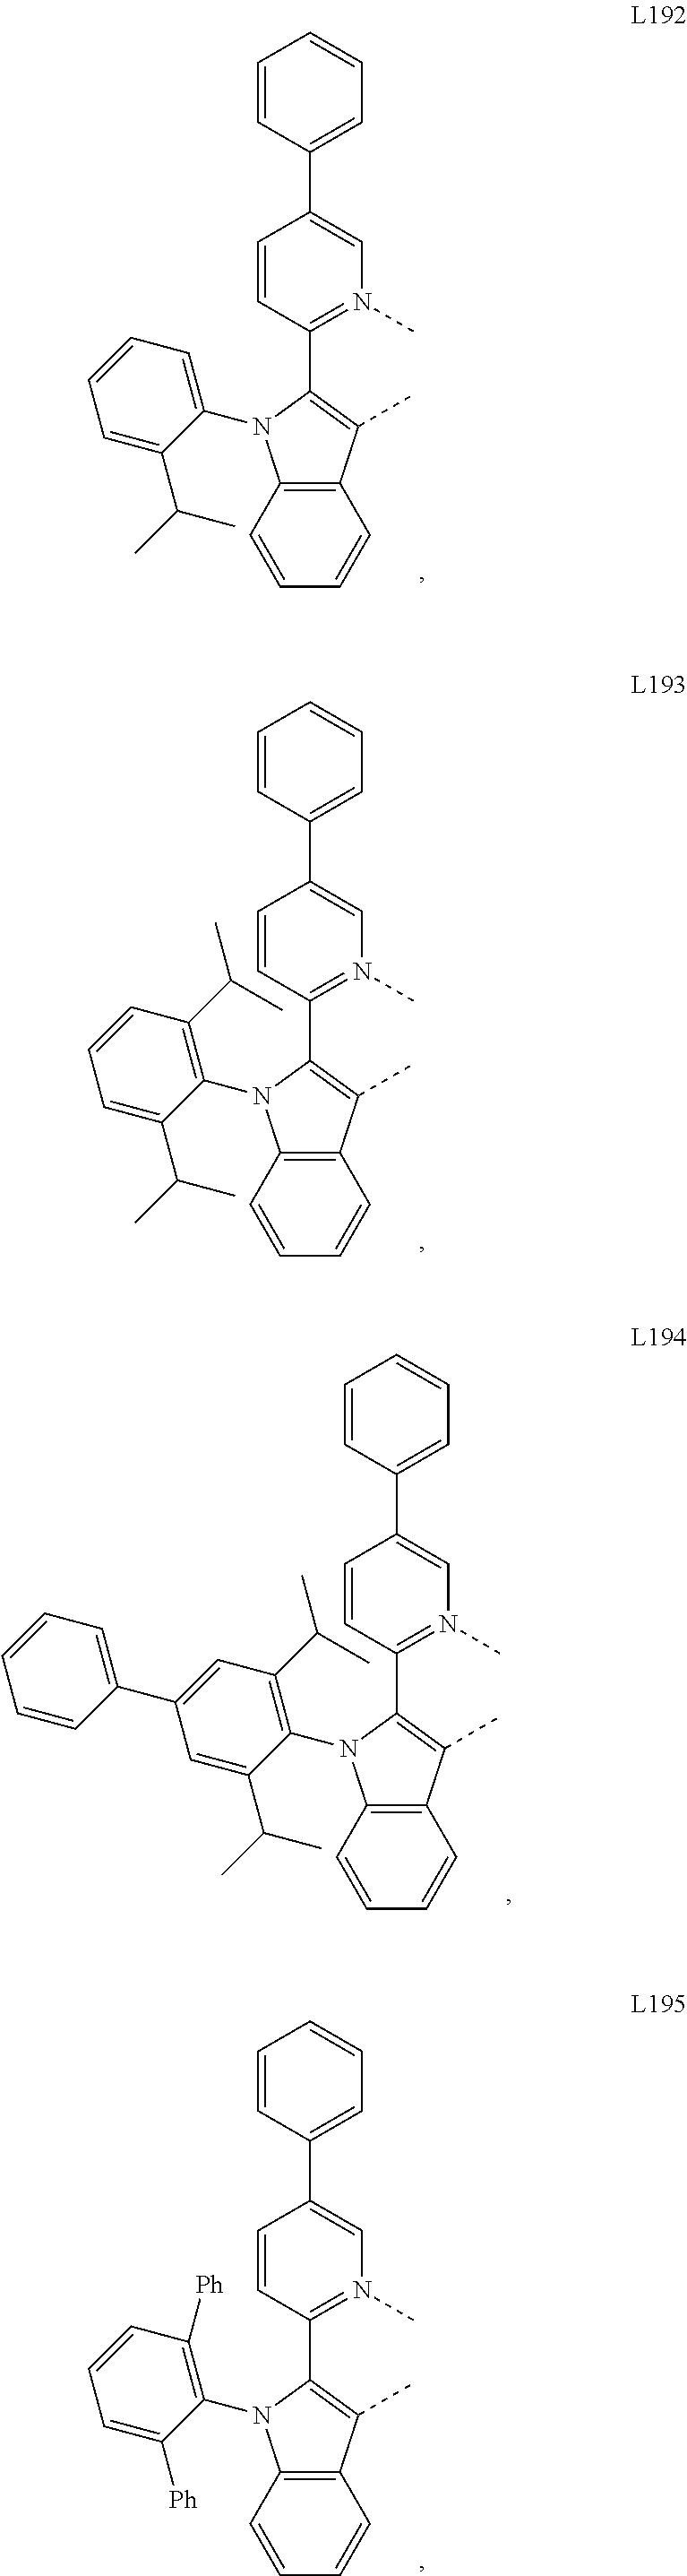 Figure US09935277-20180403-C00044